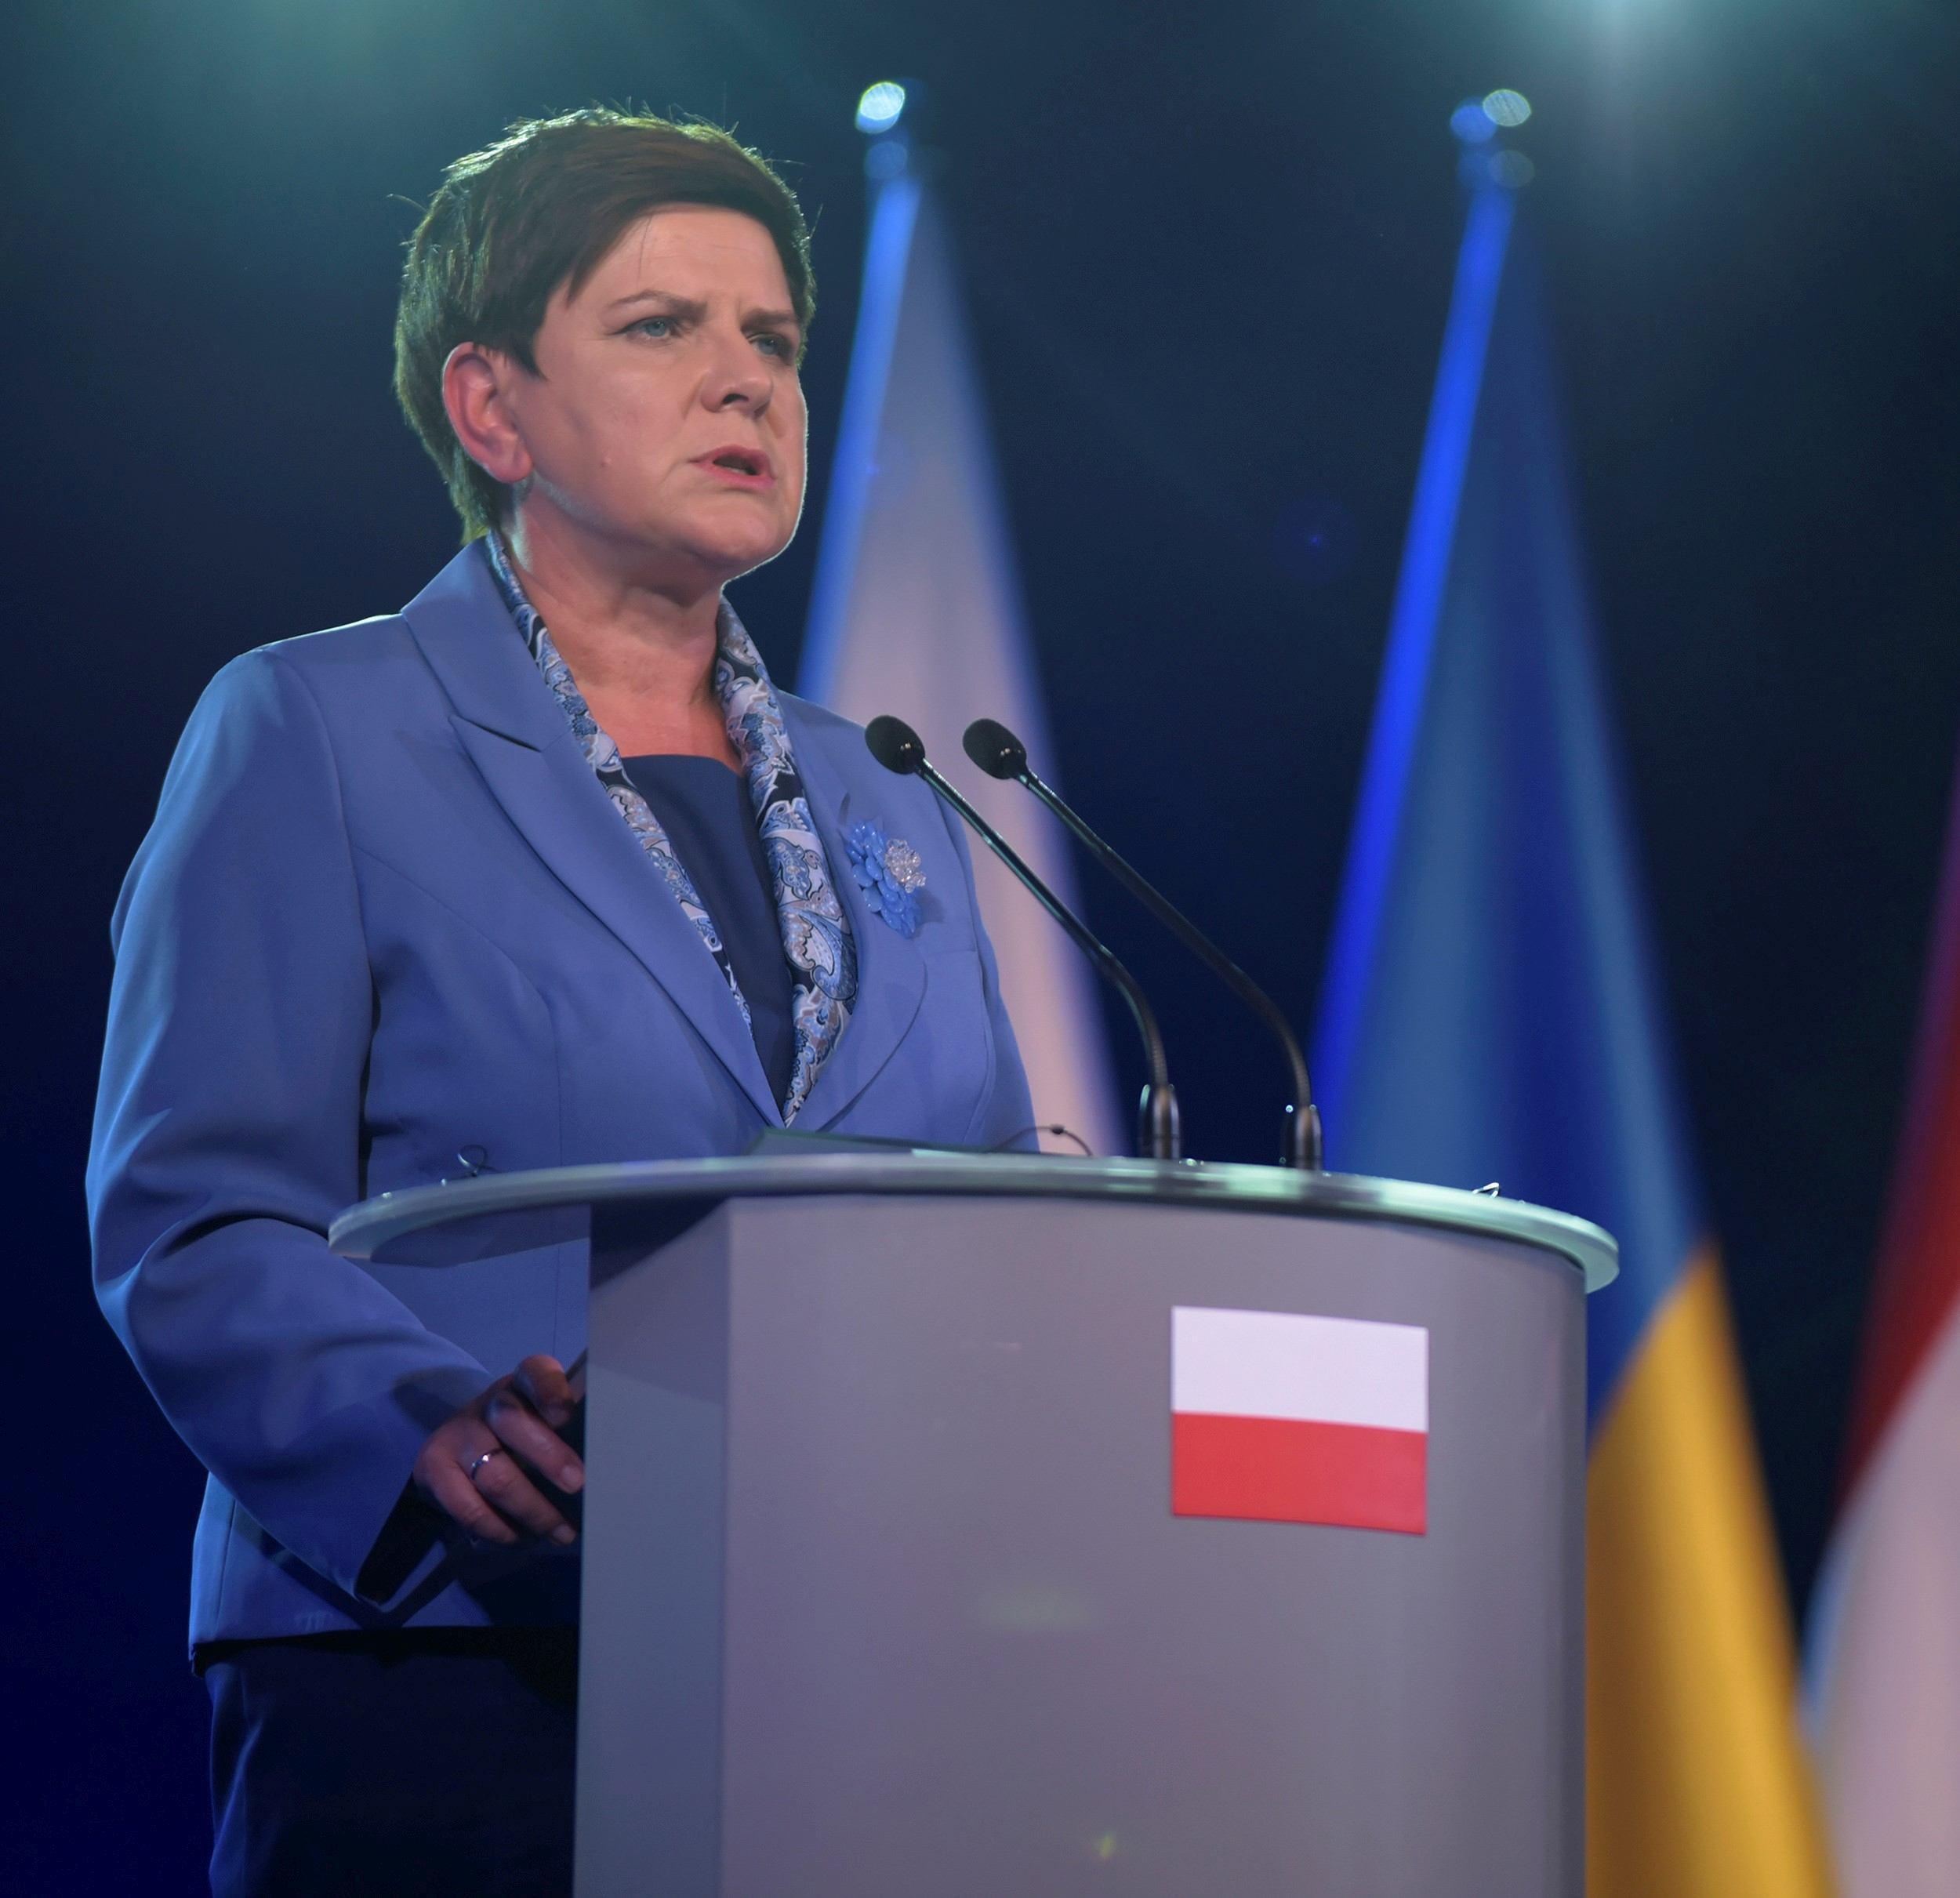 Beata Szydlo şi-a depus demisia din funcţia de prim-ministru al Poloniei